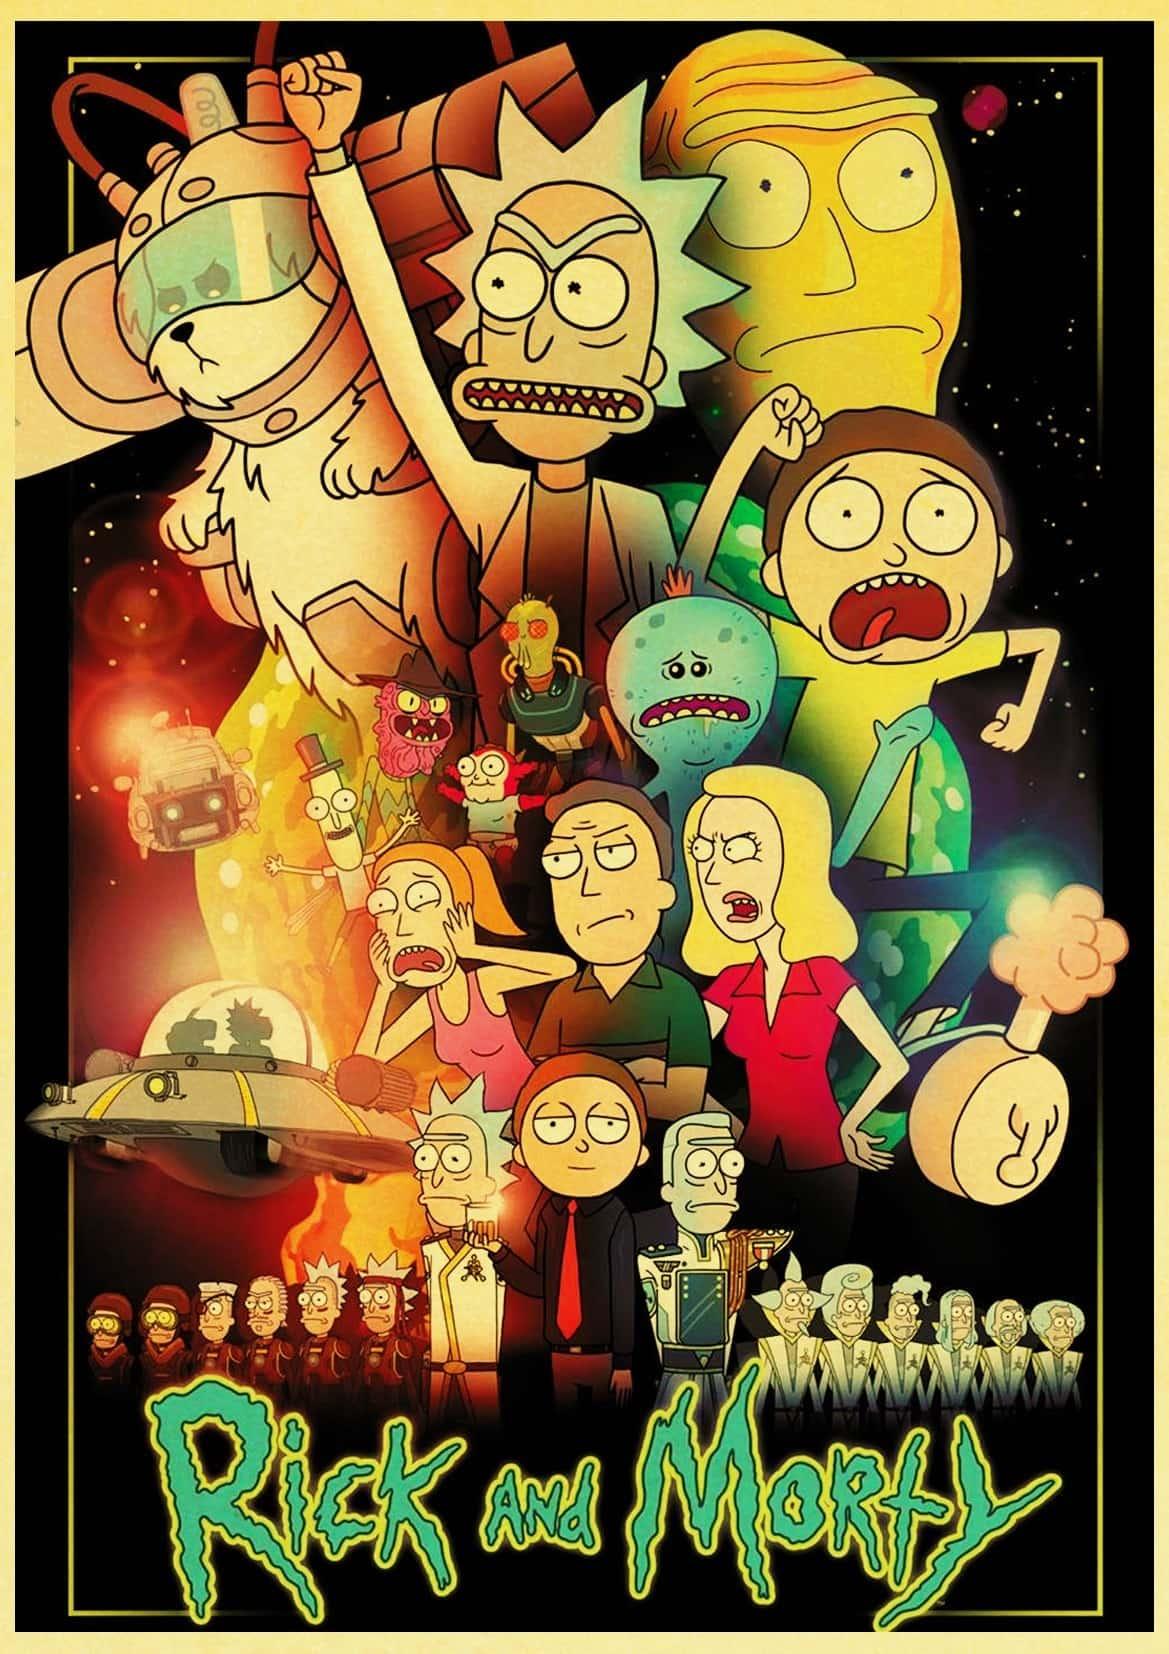 دانلود سریال Rick and Morty - ریک اند مورتی